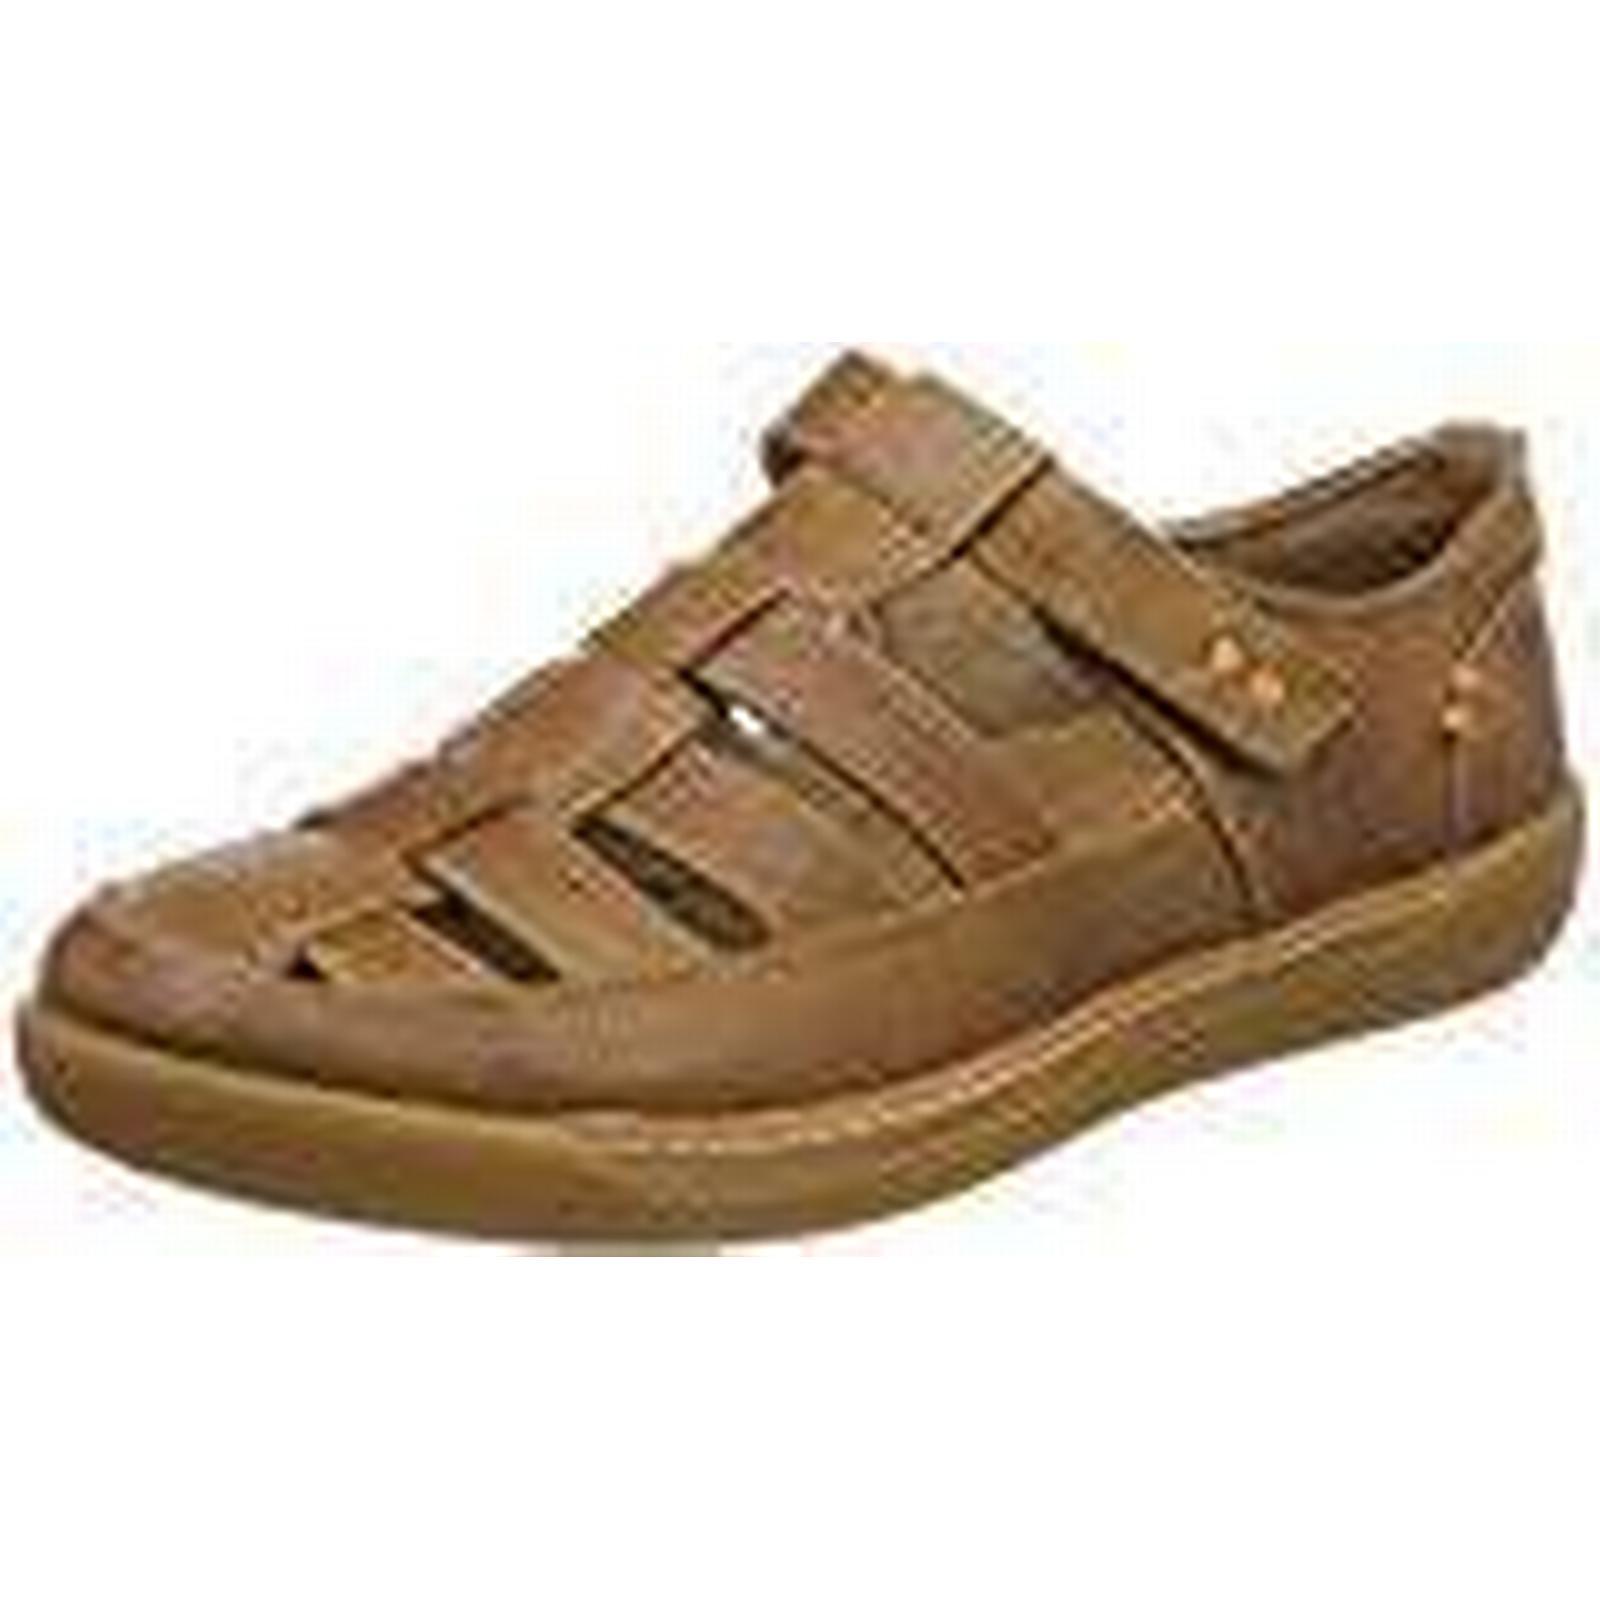 Clarks Women's Shoes, Un Haven Cove Casual Shoes, Women's Brown (Dark Tan Lea), 5 UK (38 EU) 493eb9